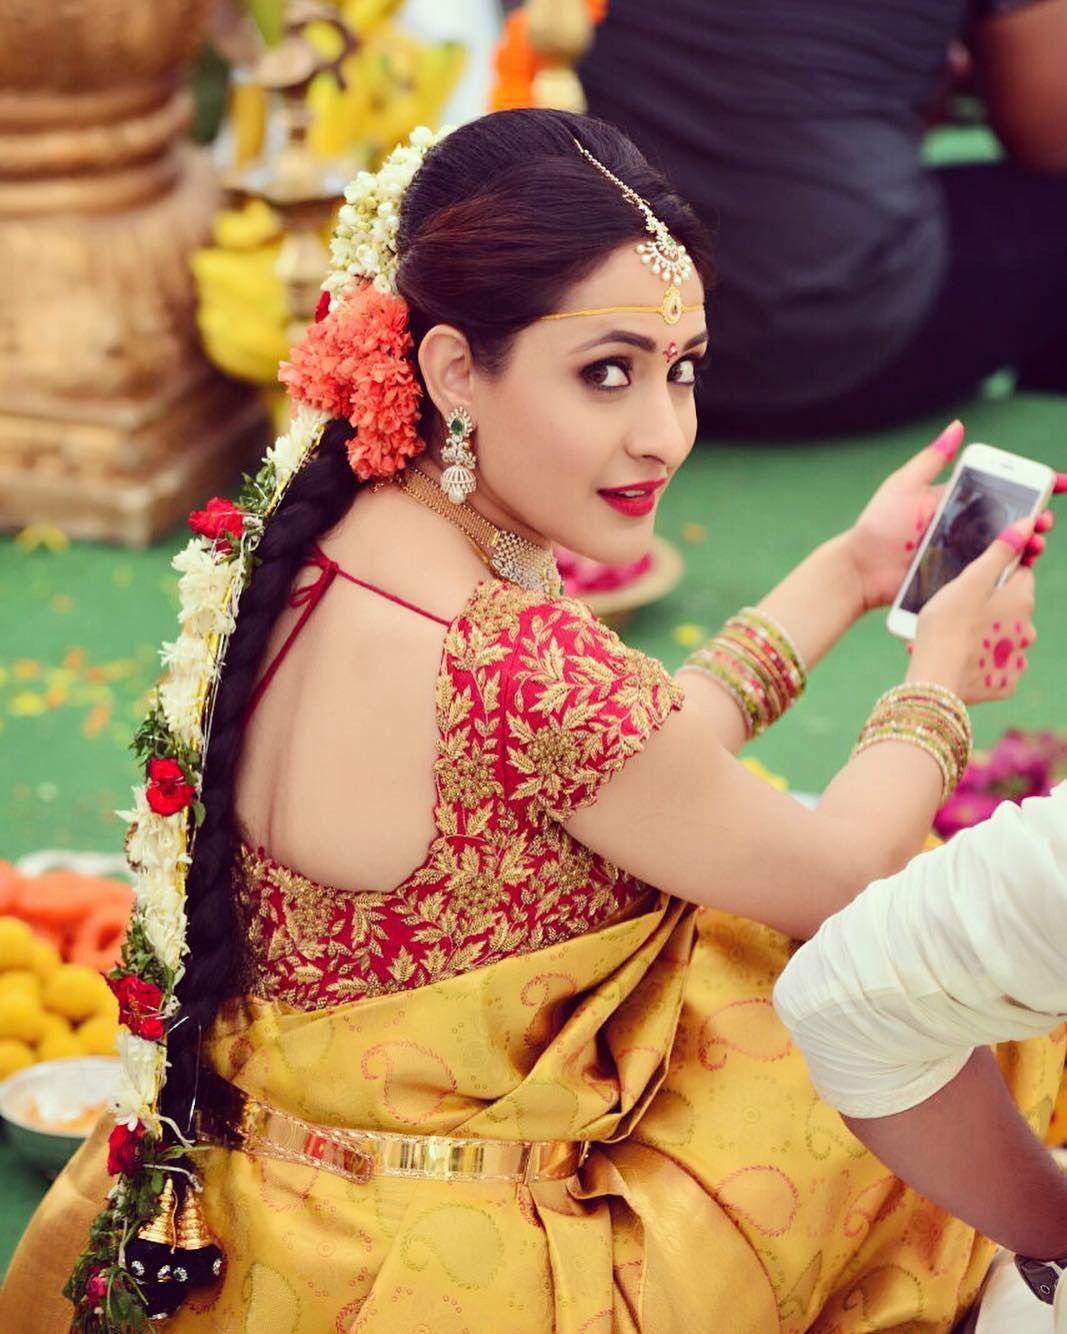 Wedding decorations muslim october 2018 Varnaka C varnakac on Pinterest